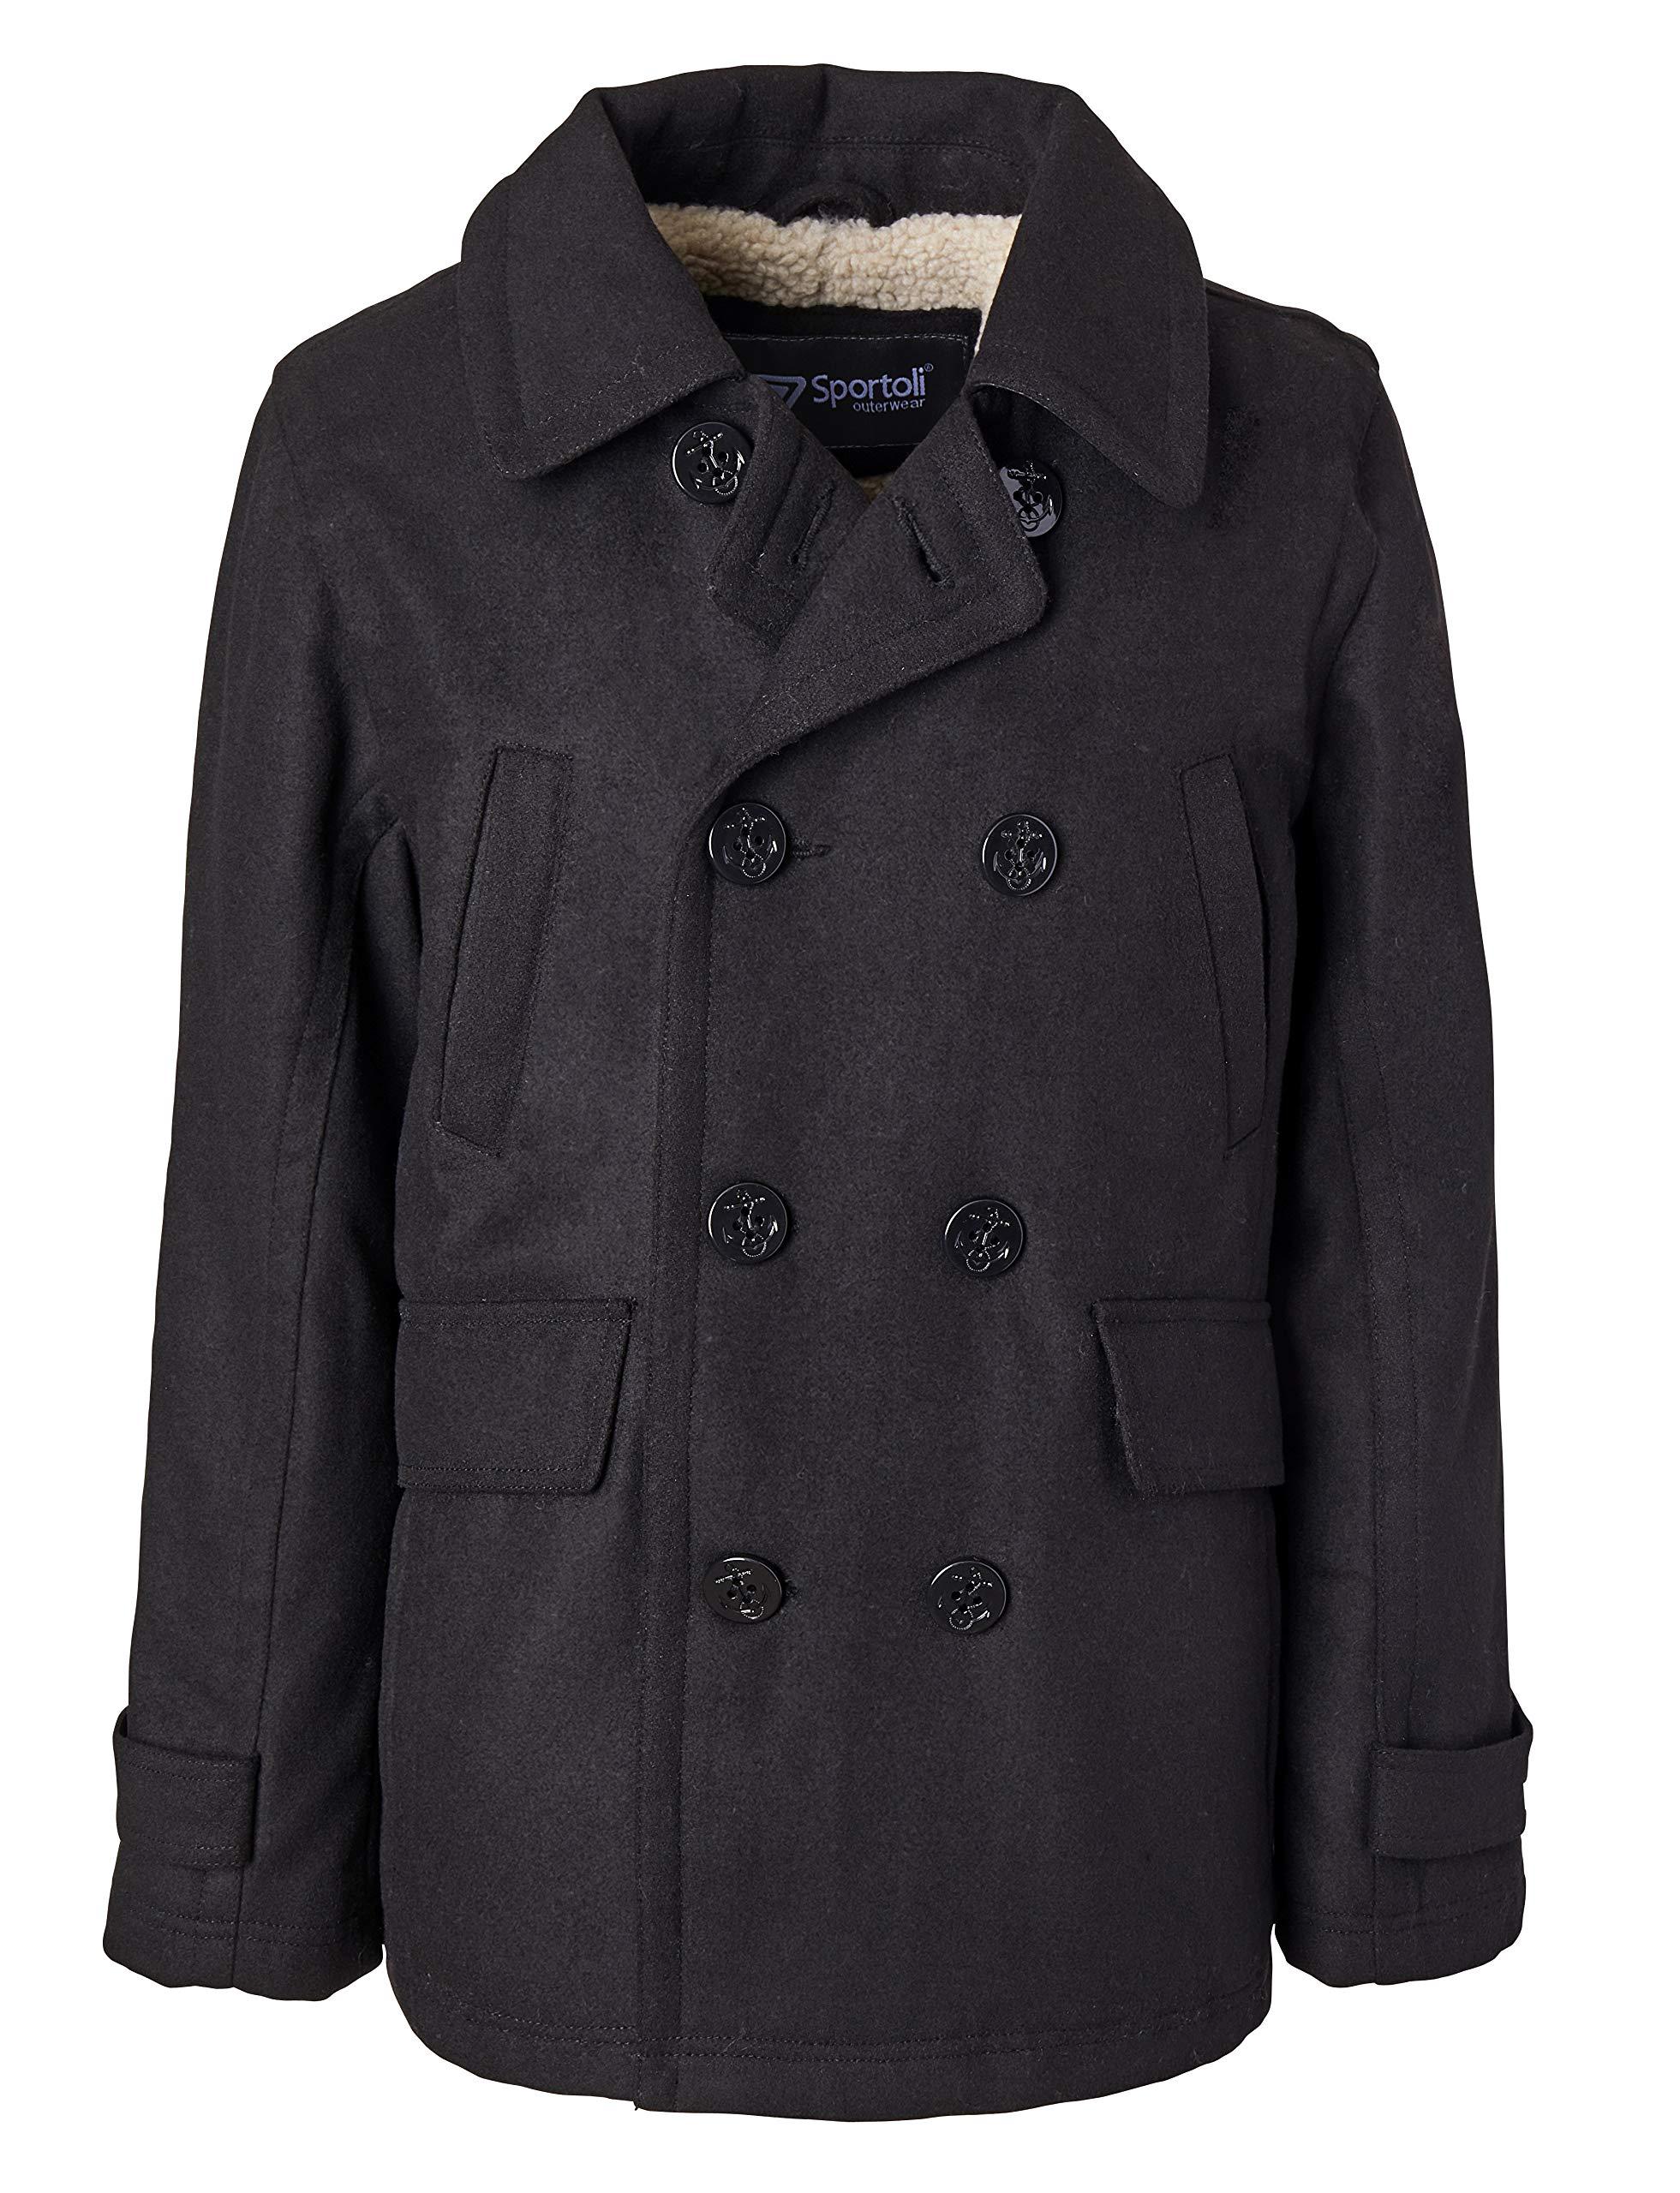 Sportoli Boy Classic Wool Blend Sherpa Winter Dress Pea Coat Peacoat Jacket - Black (Size 14/16) by Sportoli